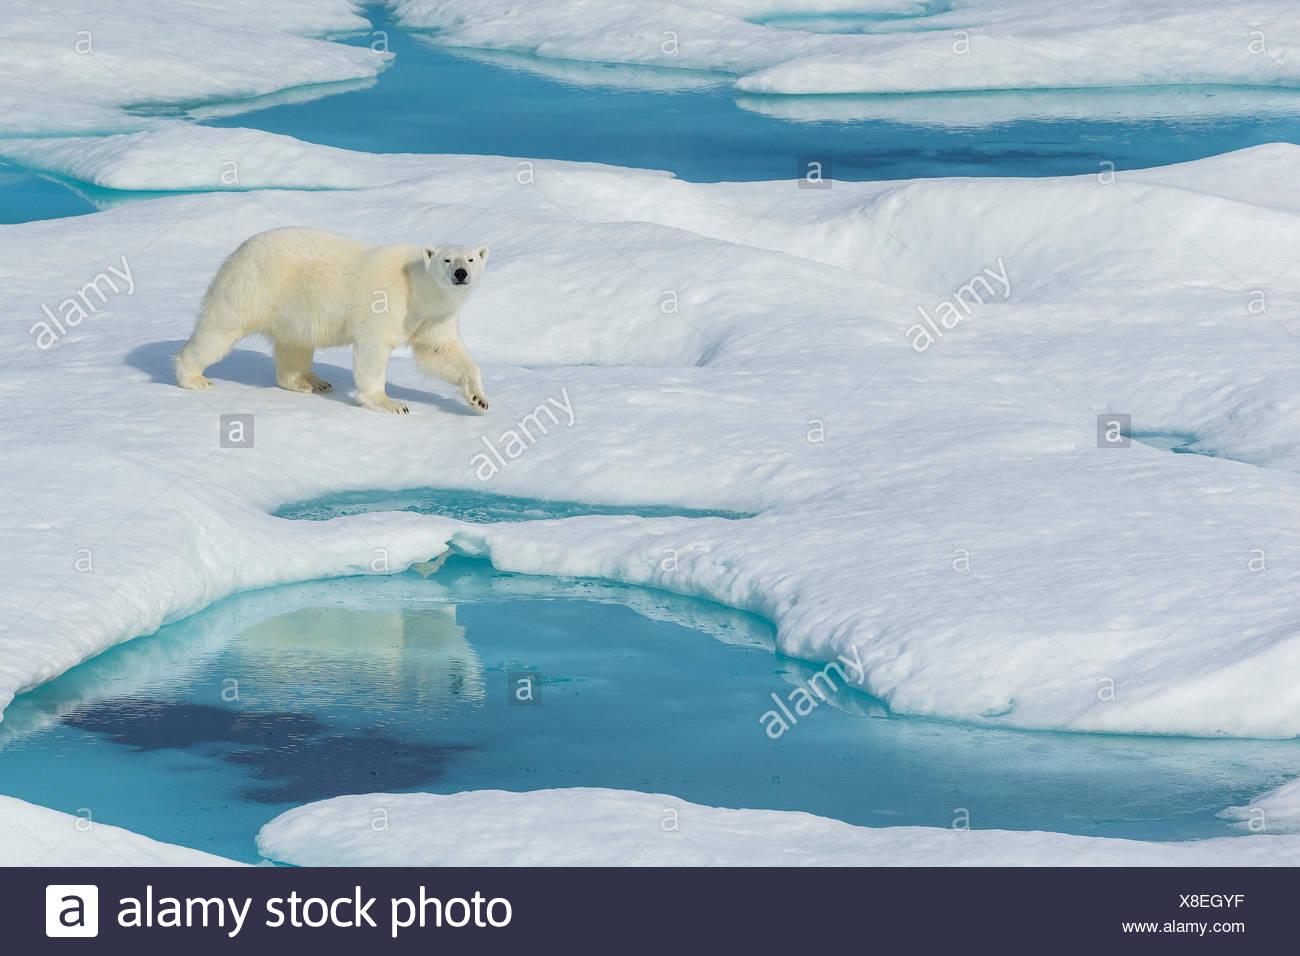 Un orso polare (Ursus maritimus) wanders passato piscine di acqua su un glaçon nell'Artico Canadese. Immagini Stock